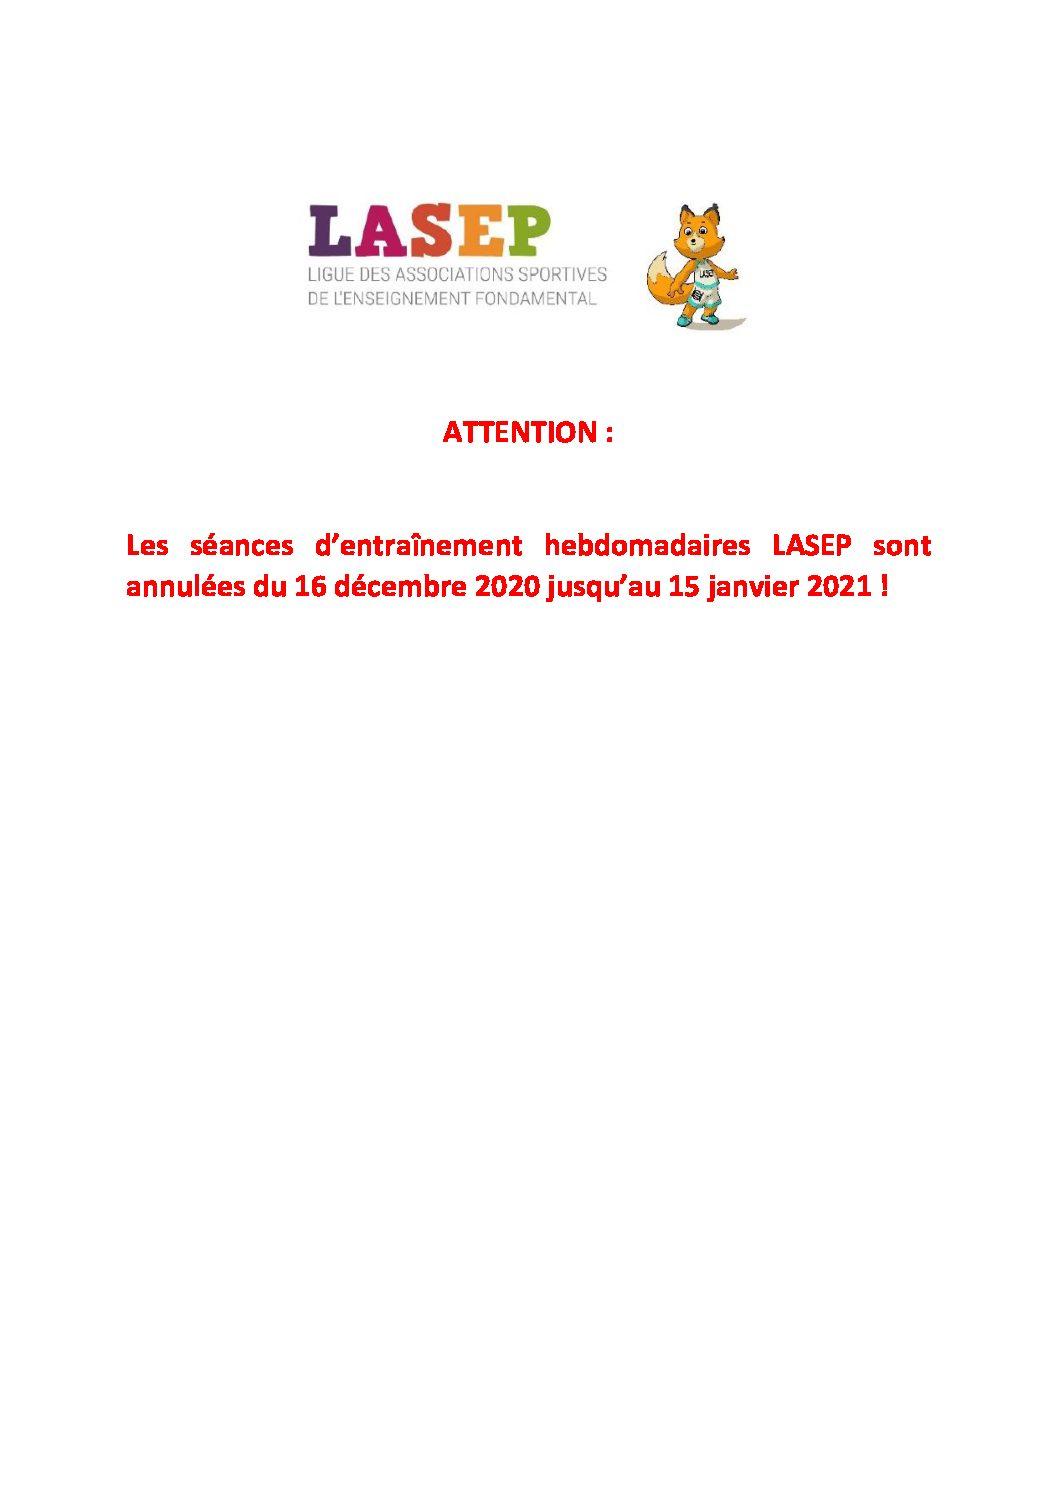 LASEP